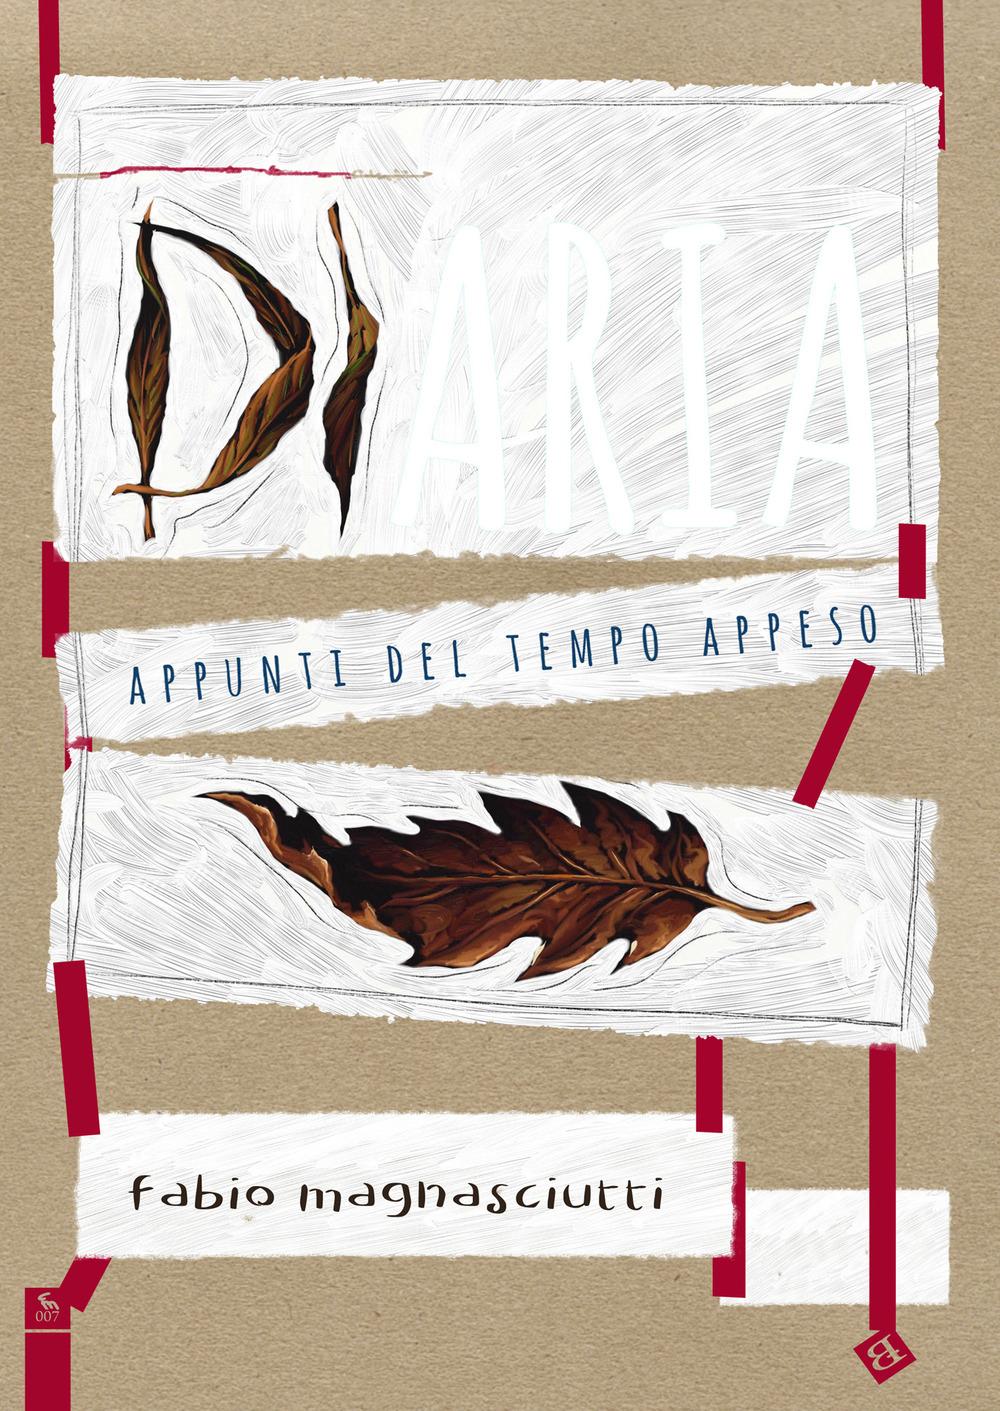 DIARIA. APPUNTI DEL TEMPO APPESO - Magnasciutti Fabio - 9788898462254